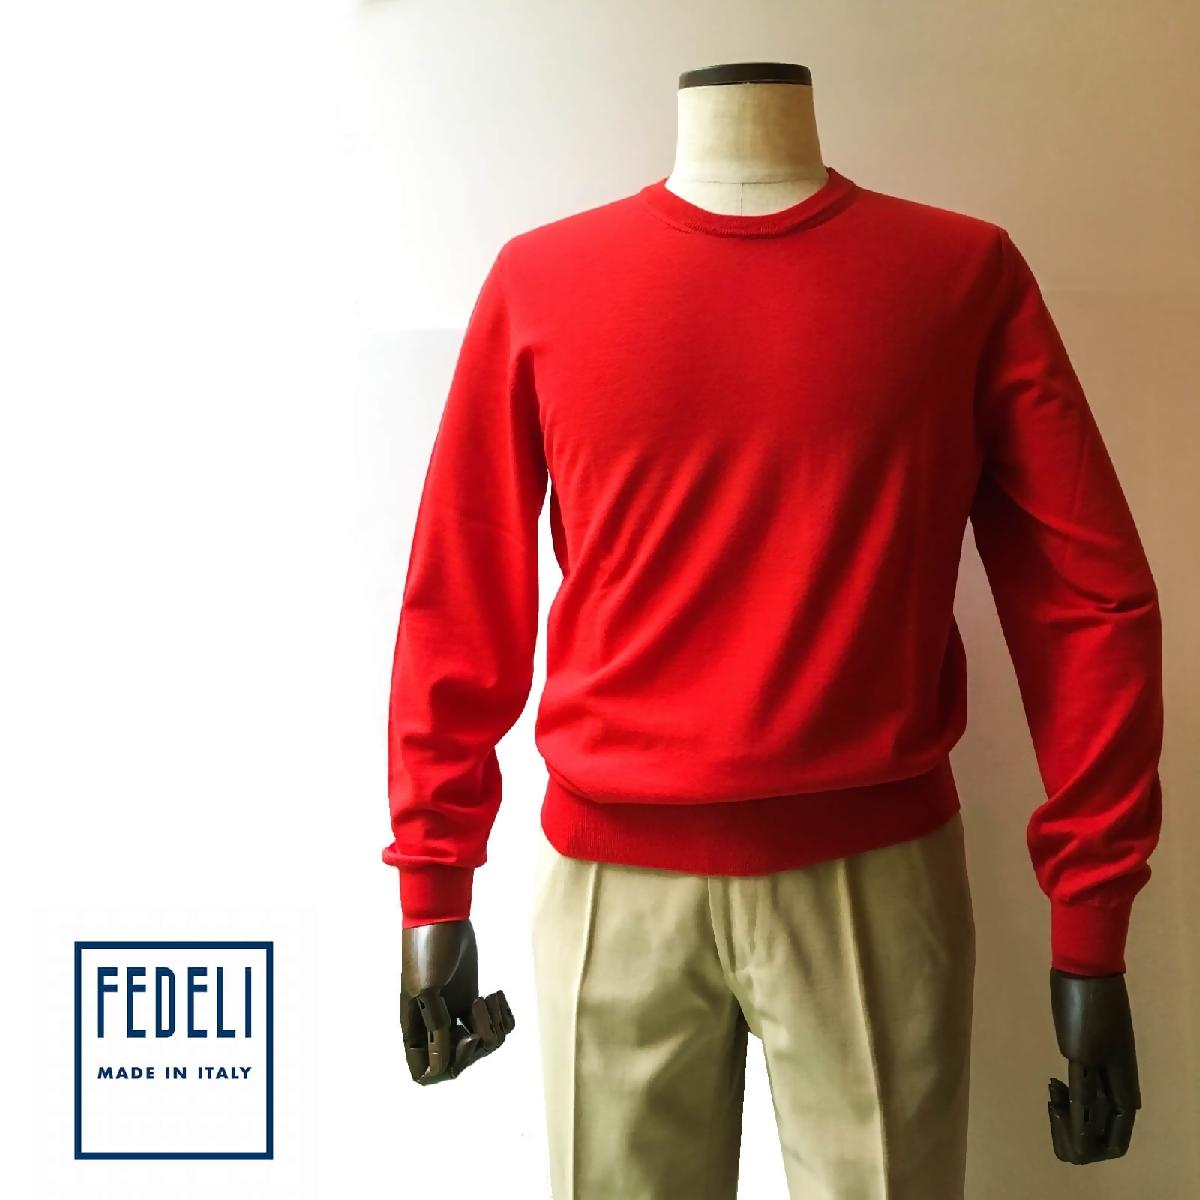 FEDELI (フェデーリ) Super160'S ハイゲージウールニットセーター レッド メンズ ブランド 長袖 ニット クルーネック 無地 ハイゲージ